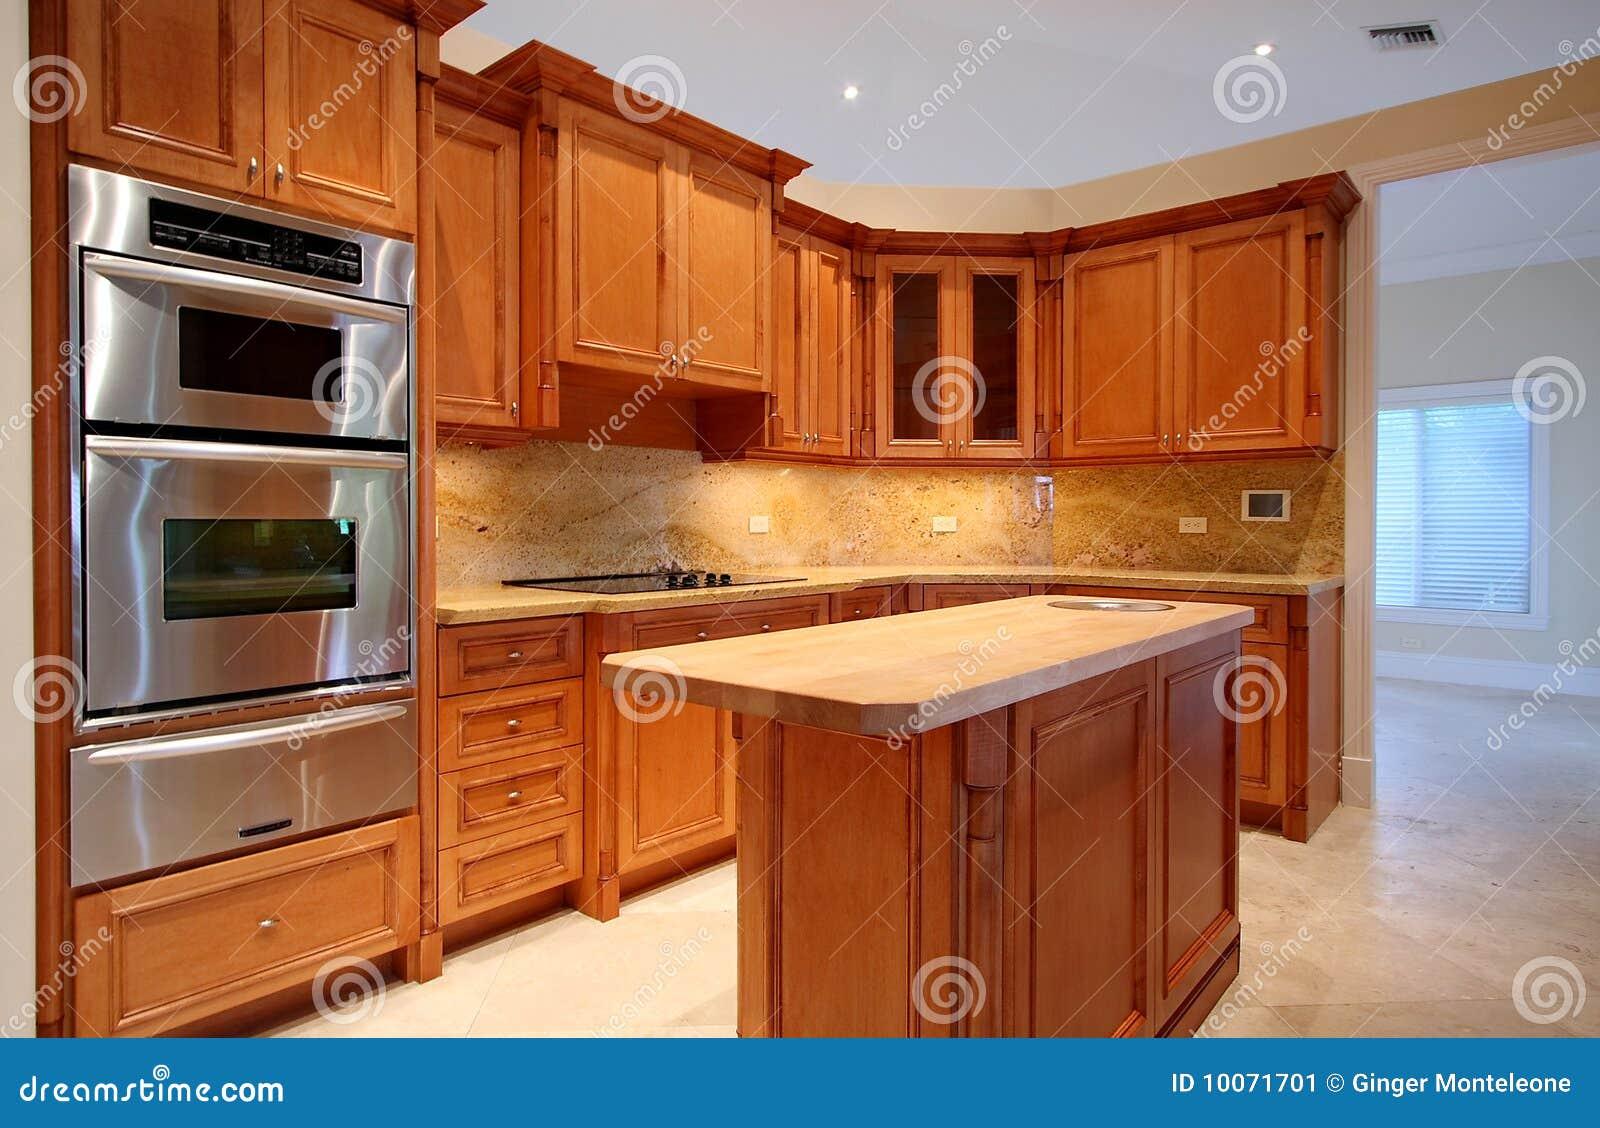 Detalles de la cocina imagen de archivo imagen 10071701 - Detalles para la cocina ...